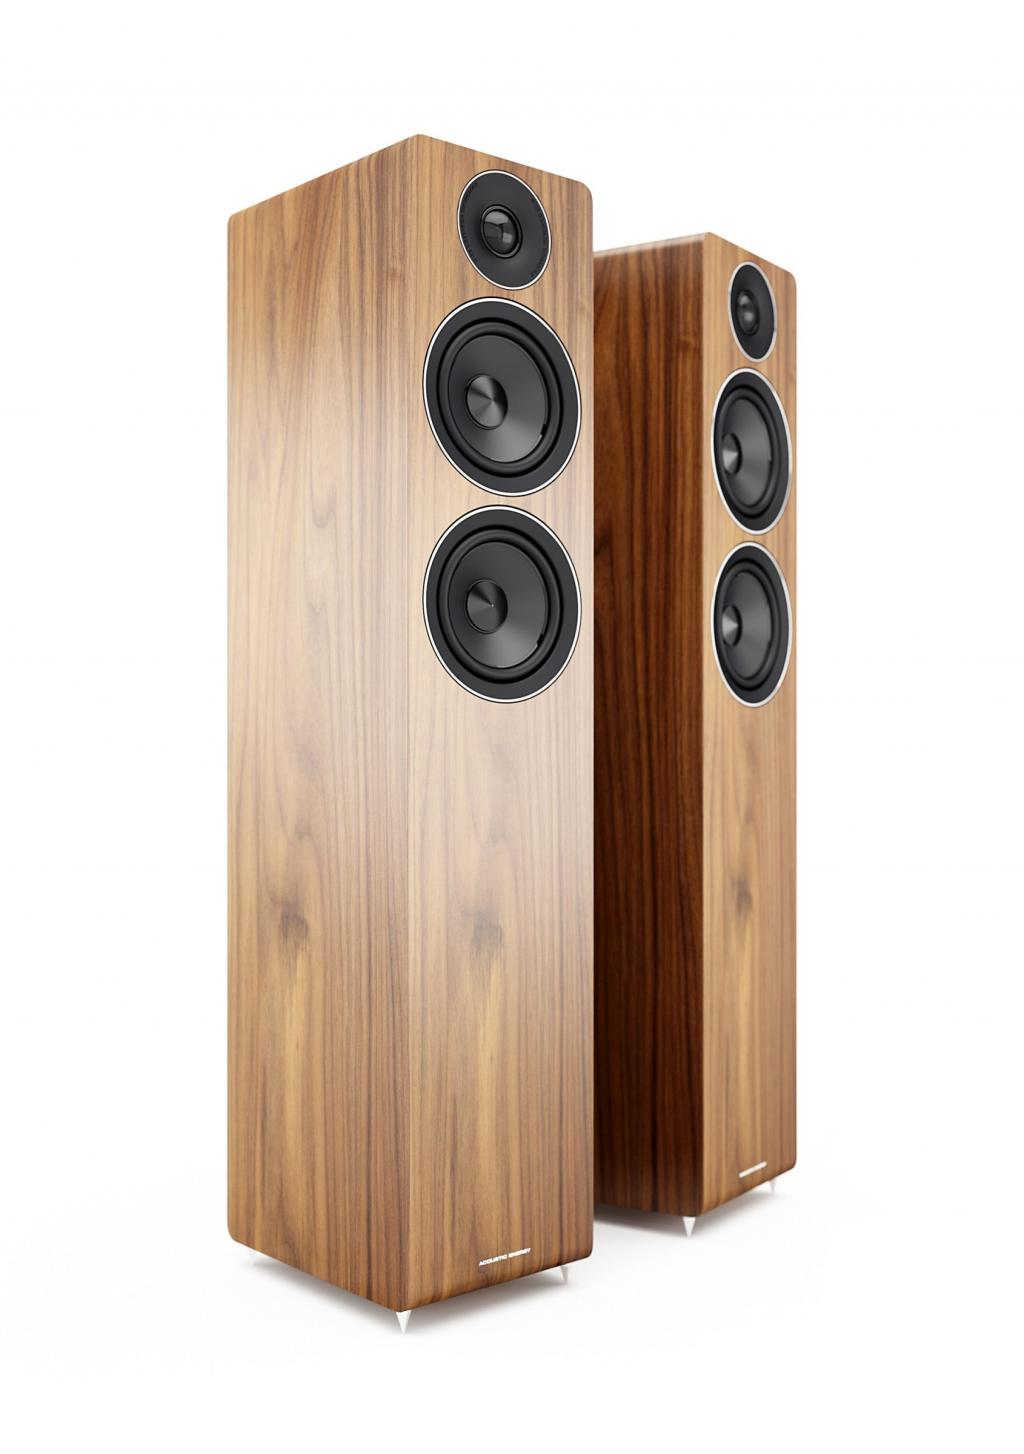 Boxe Acoustic Energy AE109 Walnut vinyl veneer